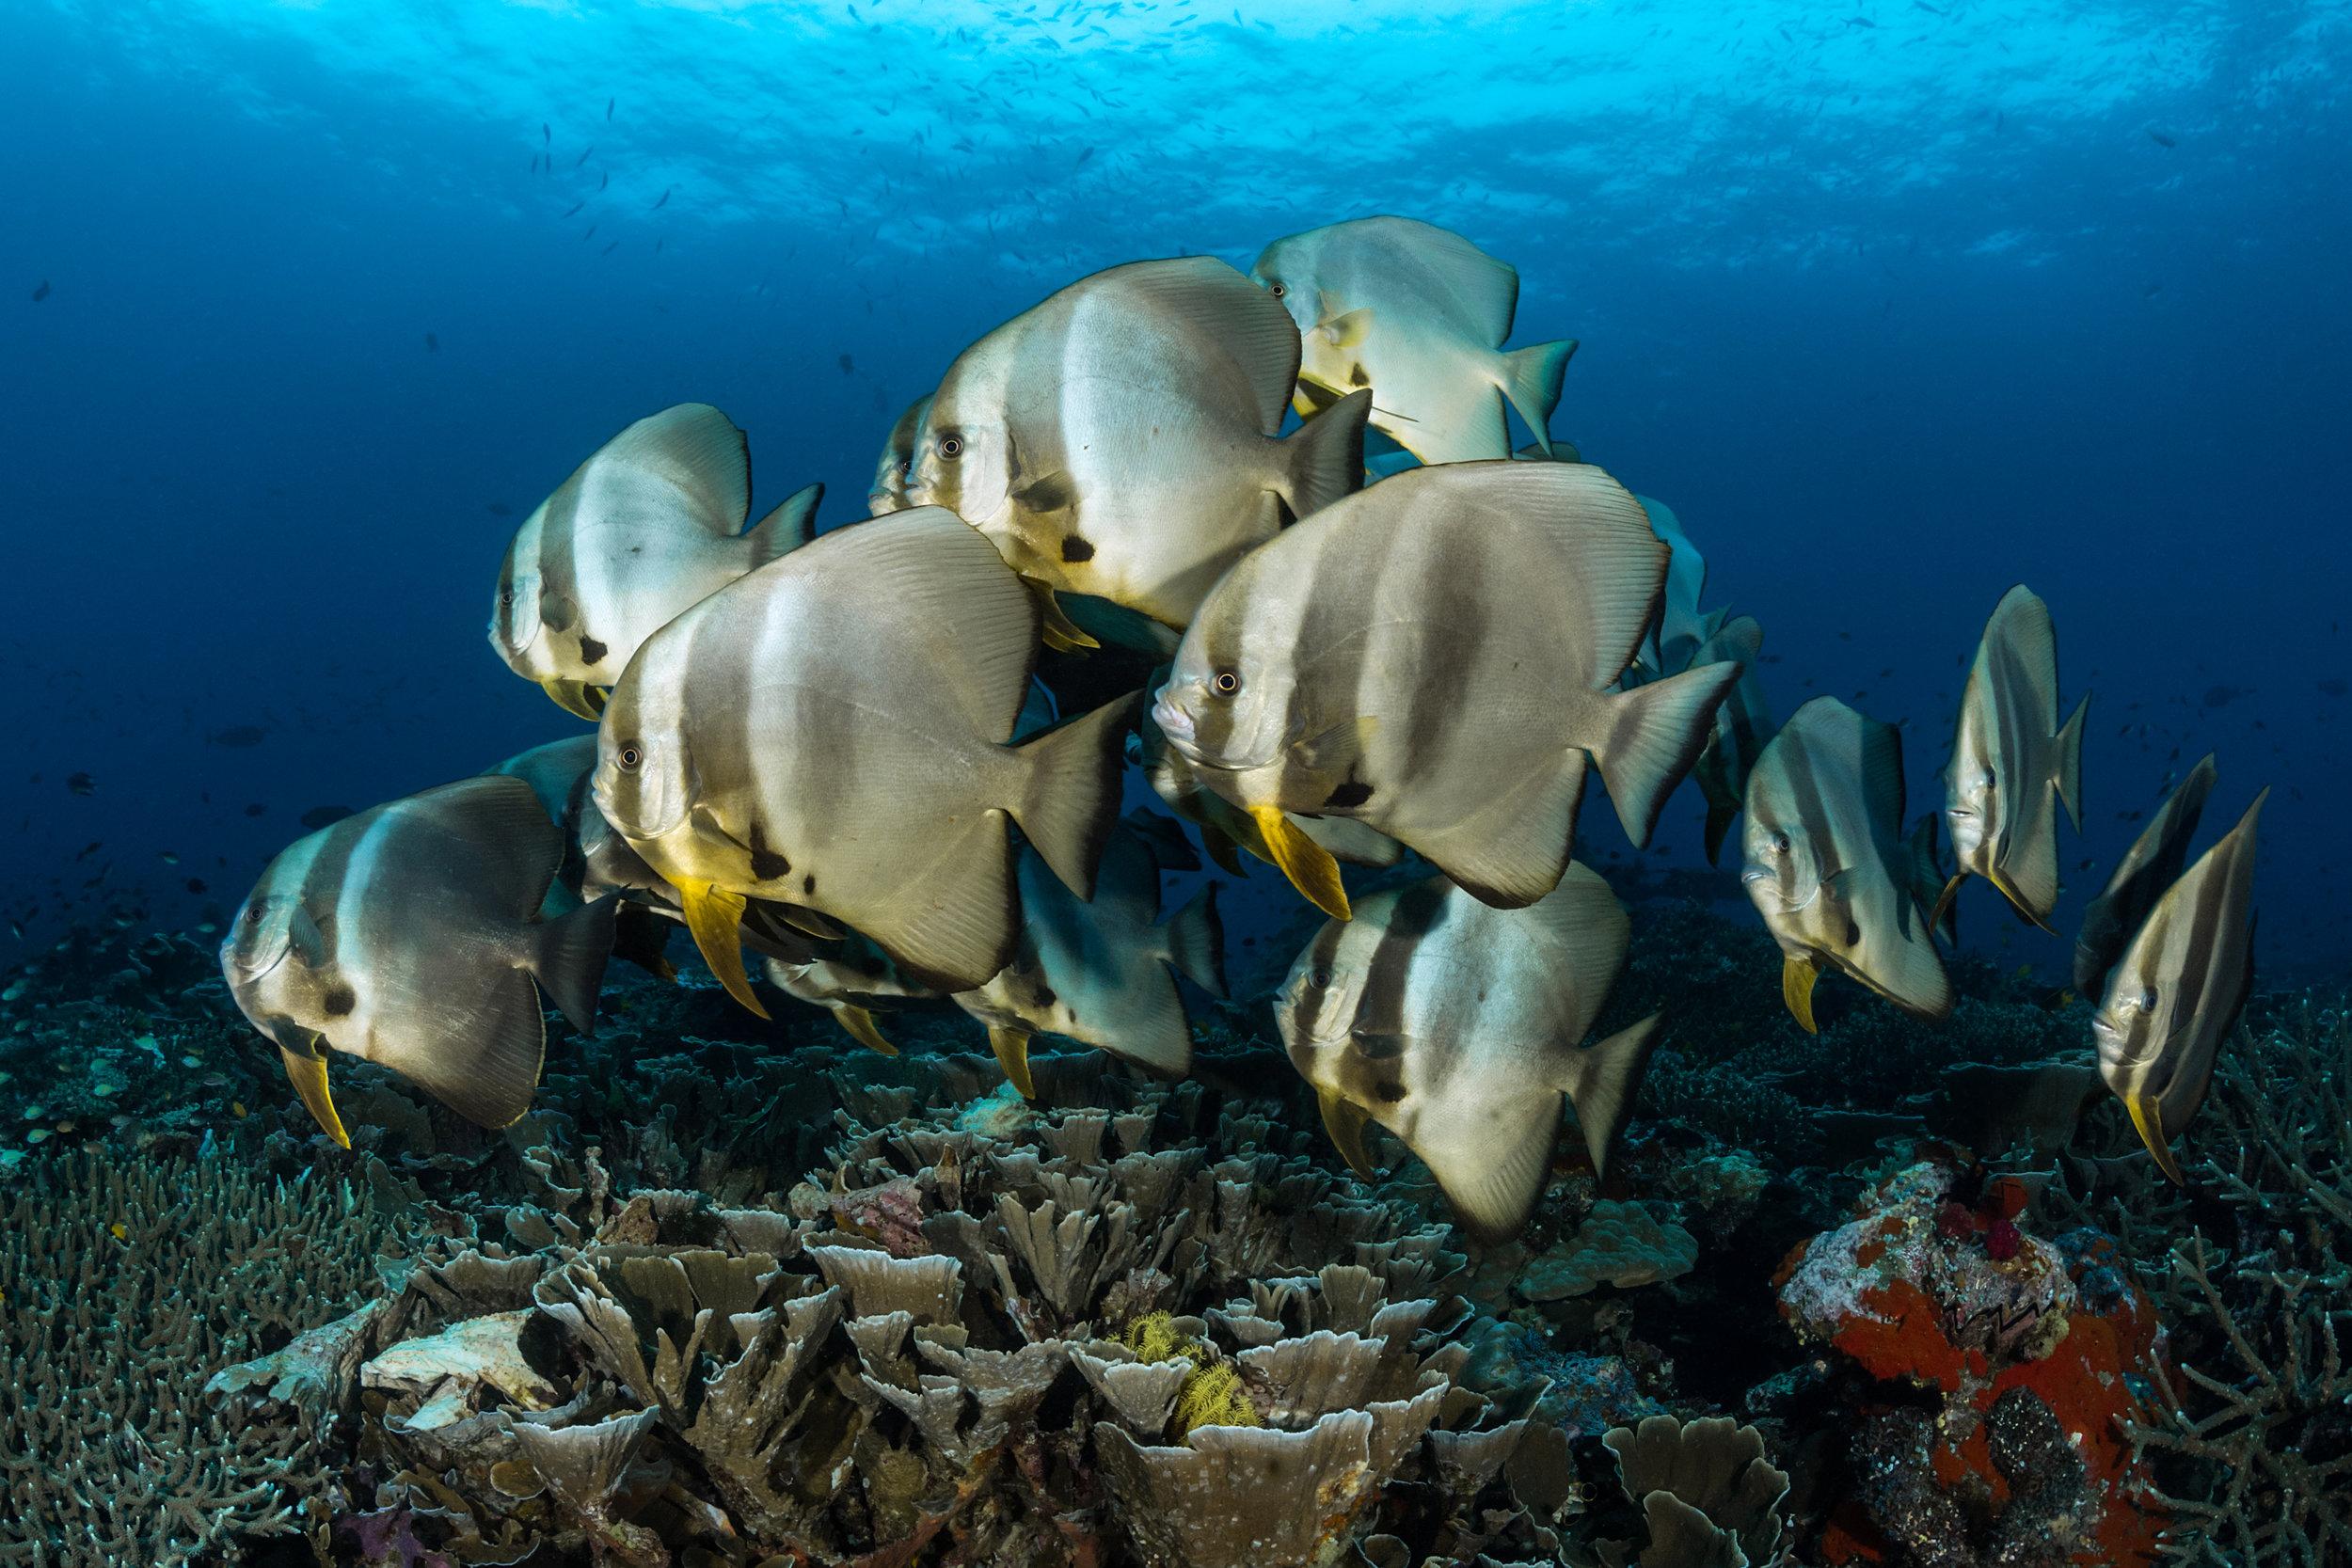 batfish in raja ampat CREDIT: FABRICE DUDENHOFER / coral reef image bank